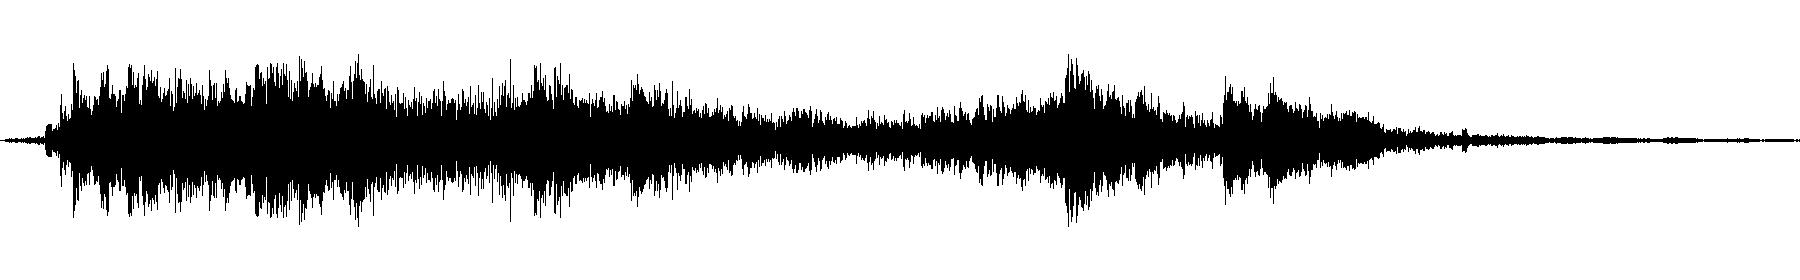 metal perc fx 5